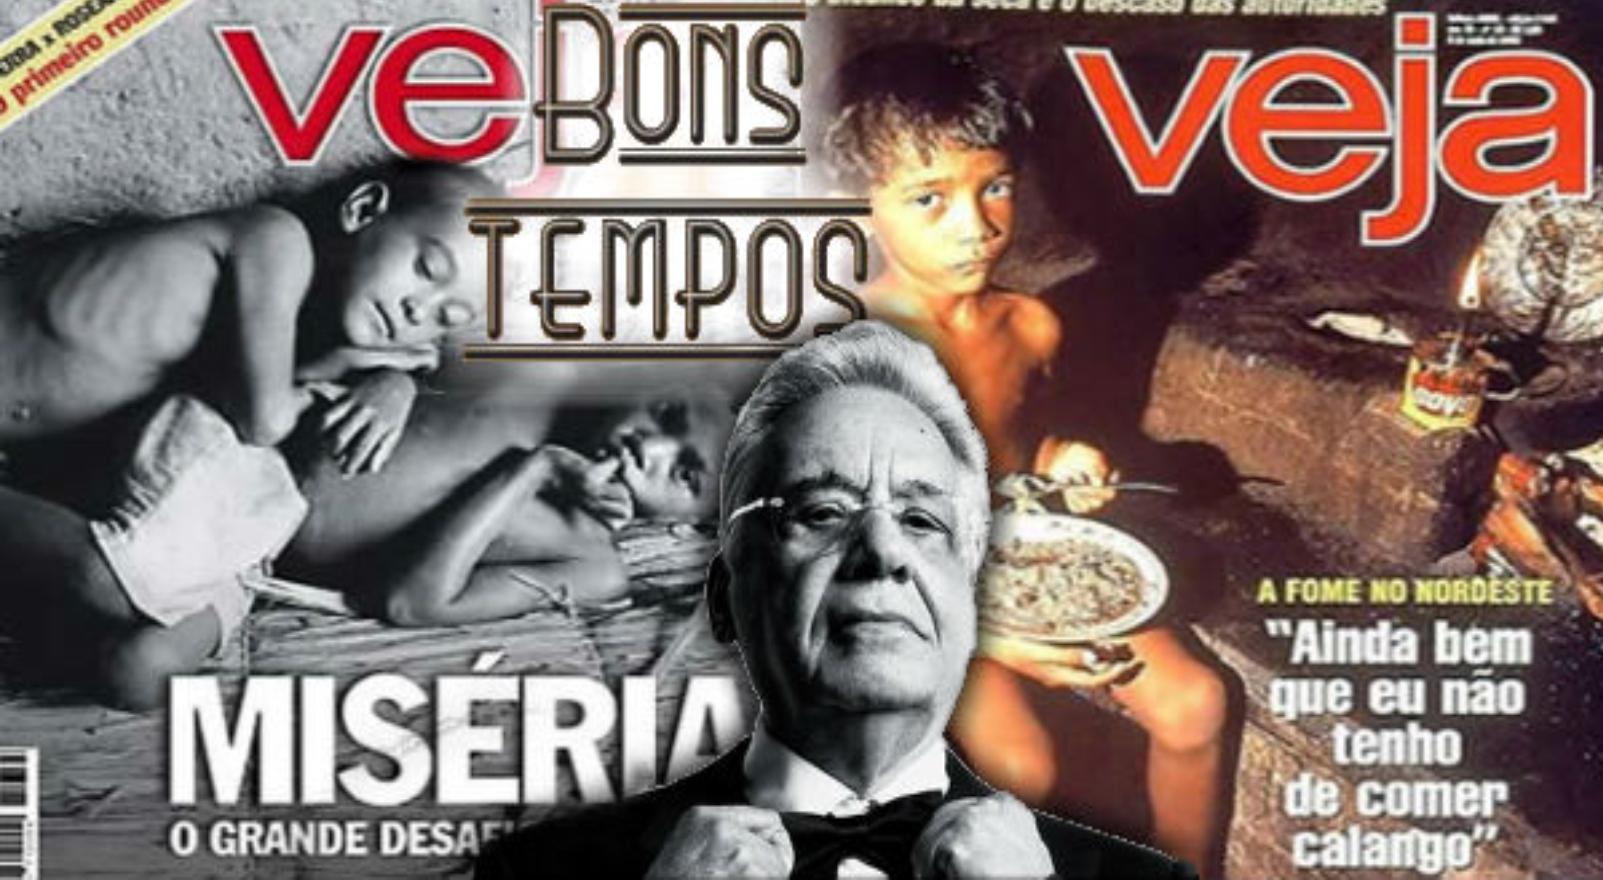 Resultado de imagem para fome no brasil decada de 90